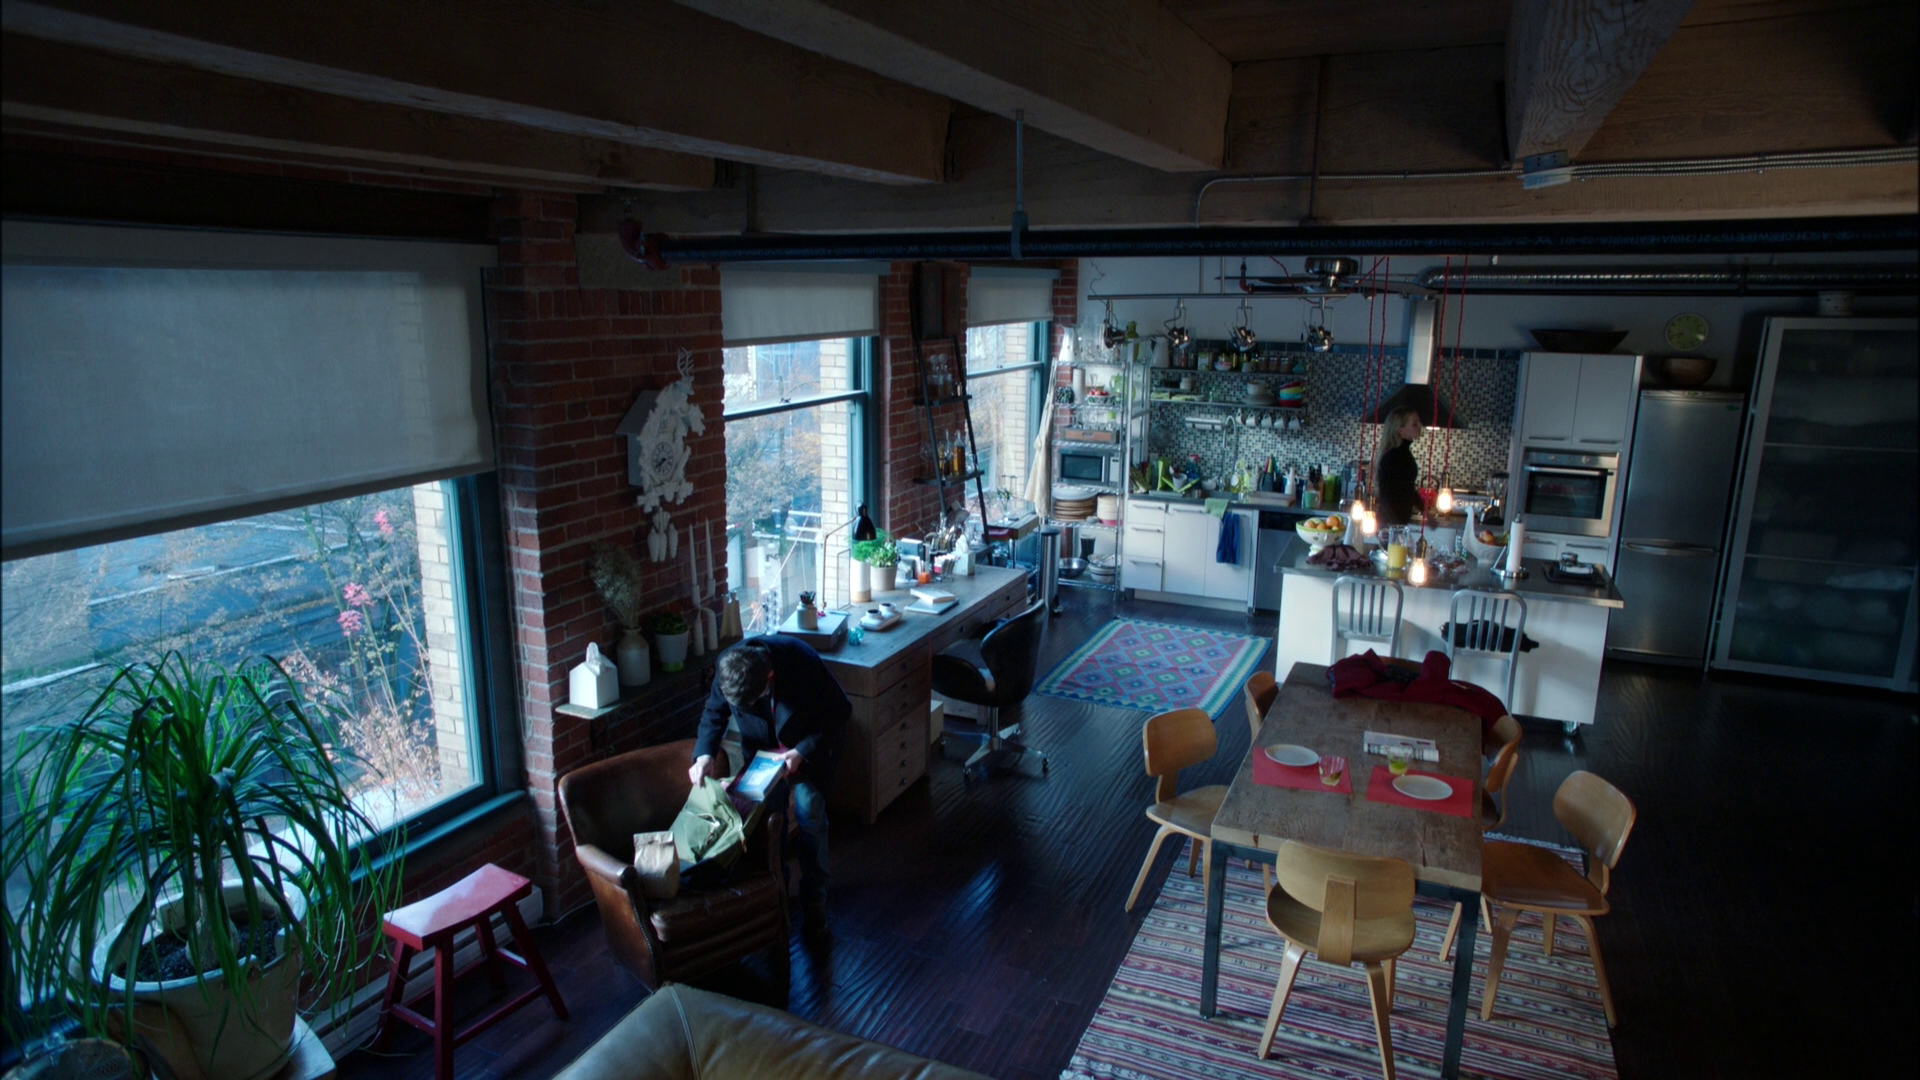 swan new york loft | once upon a time wiki | fandom poweredwikia